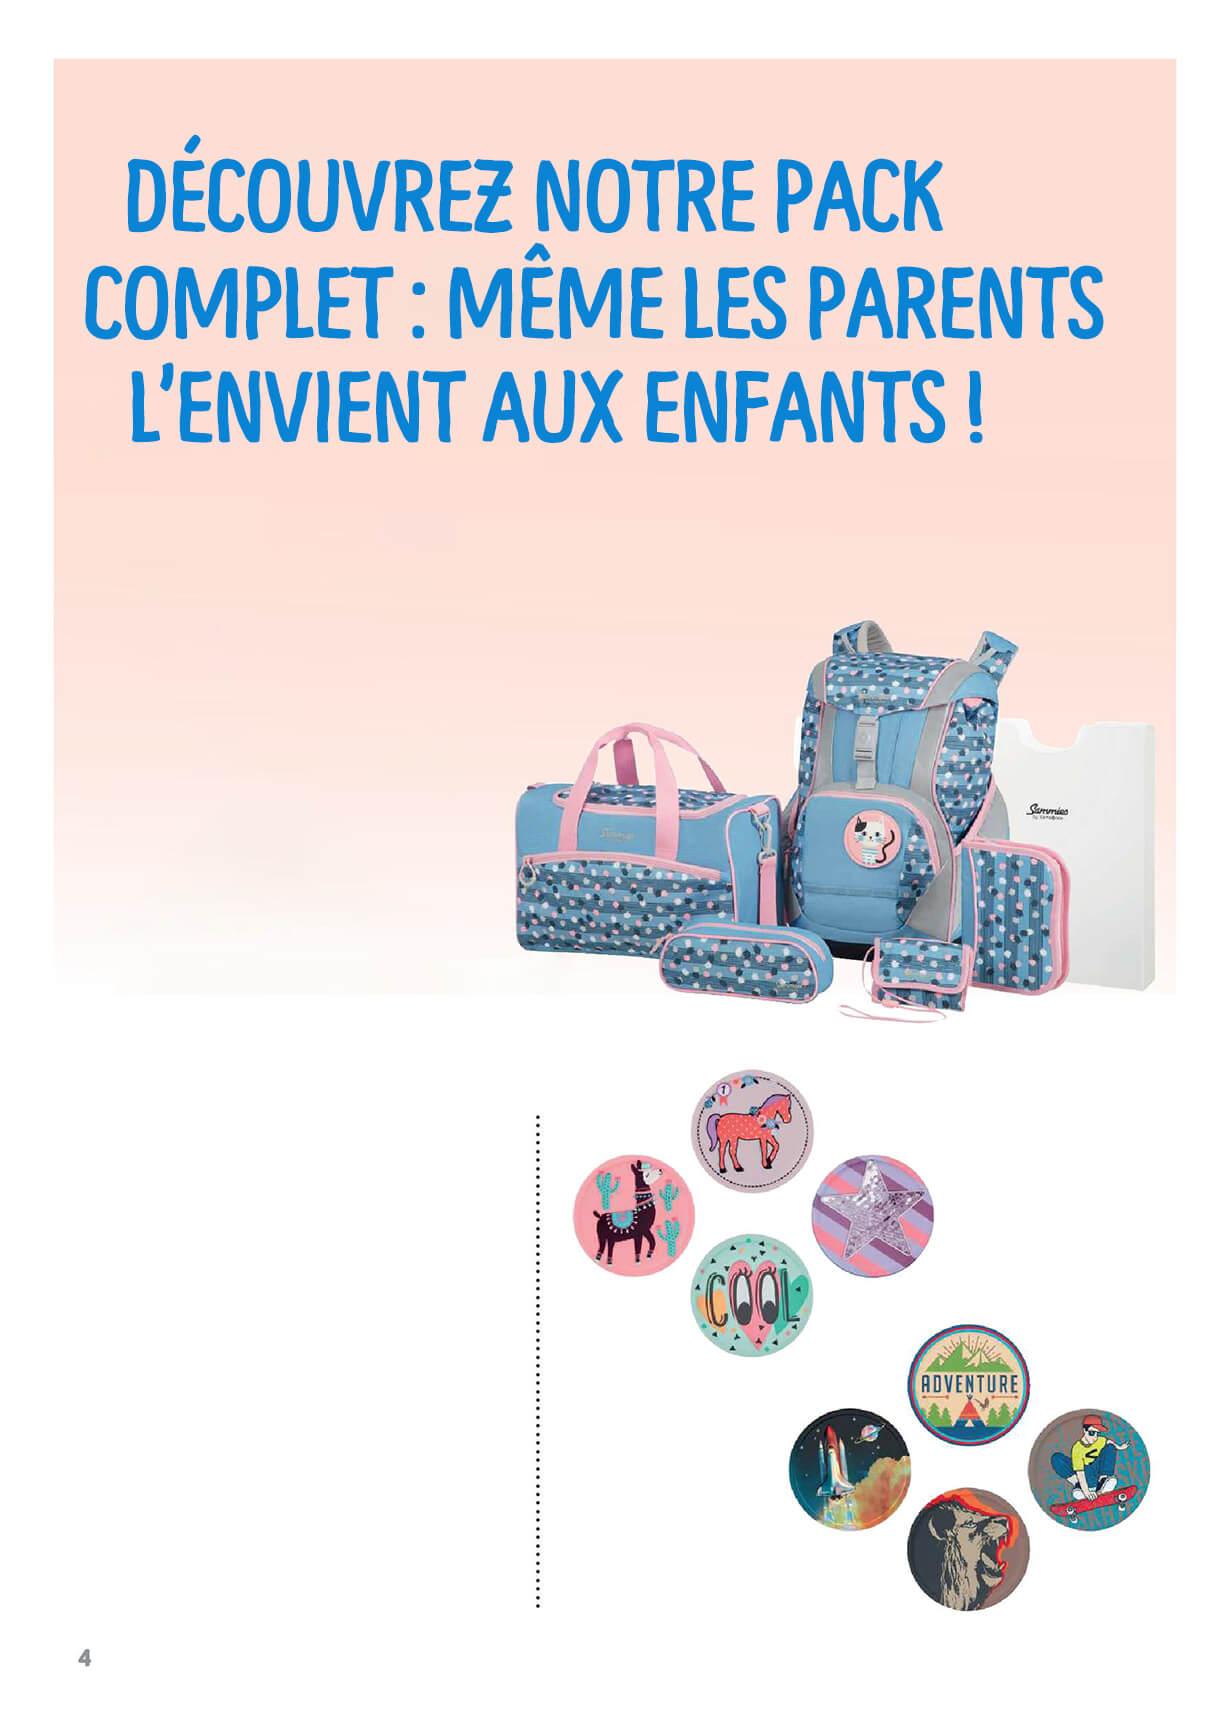 Découvrez notre pack complet : même les parents l'envient aux enfants !